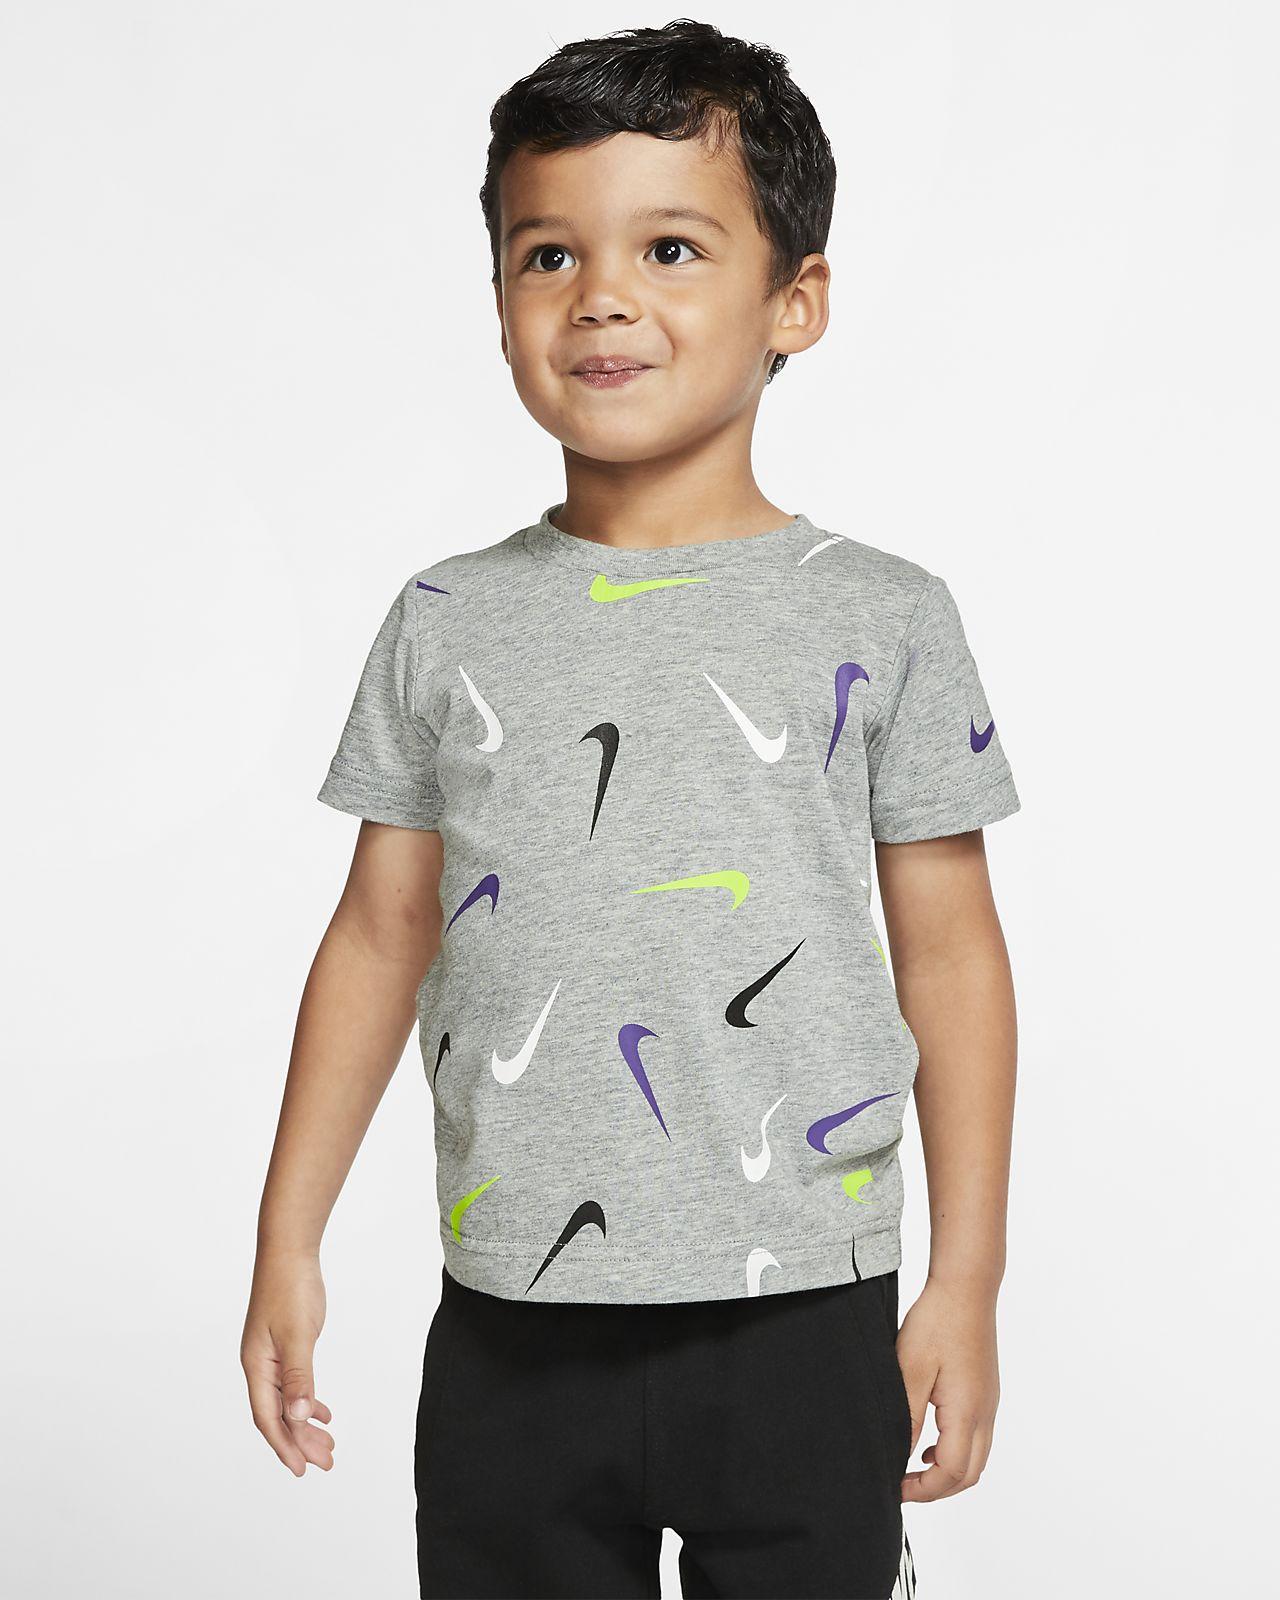 T-shirt a manica corta Nike - Bimbi piccoli